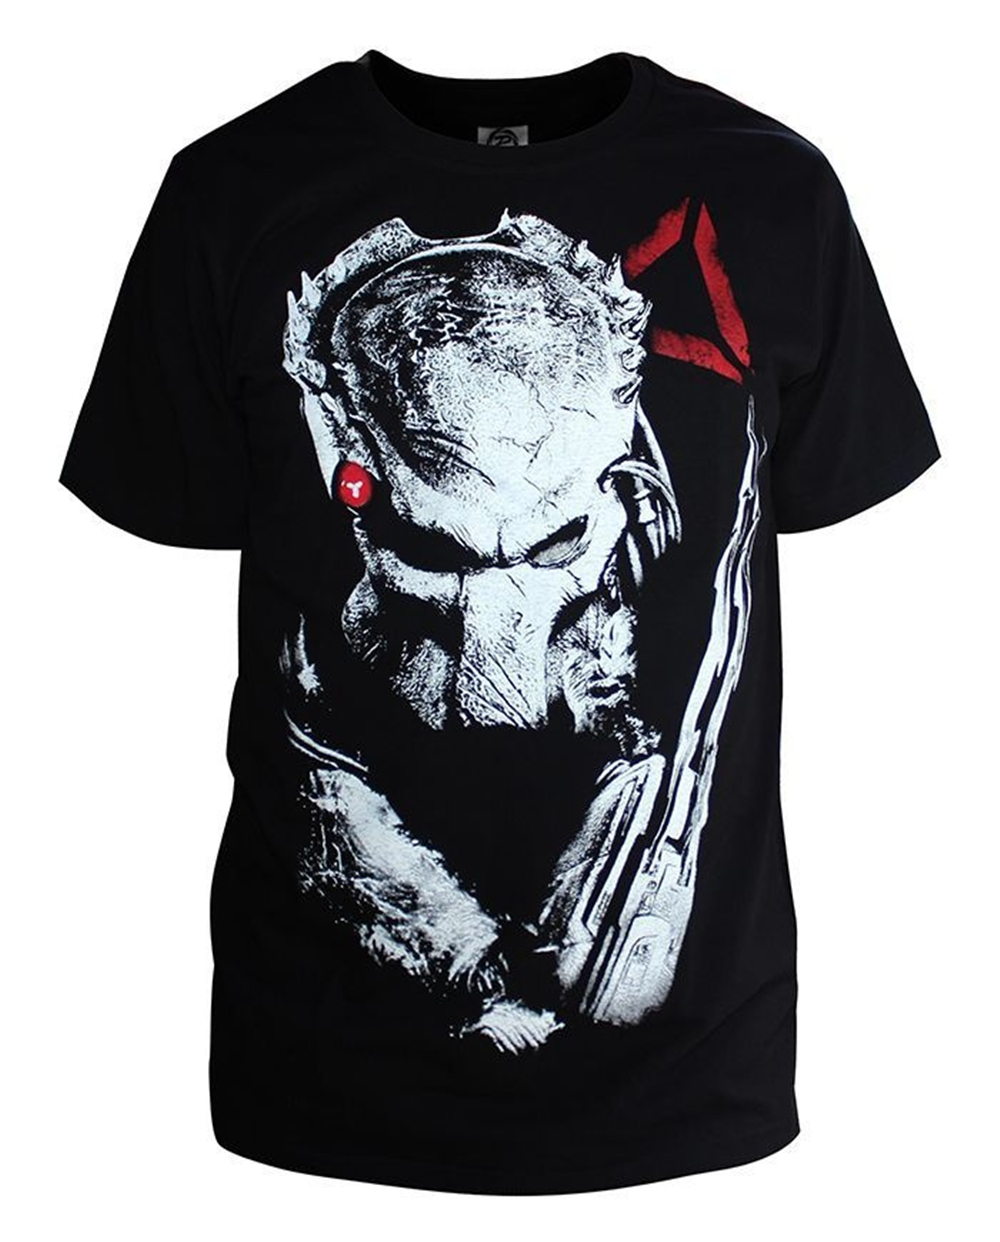 Adult Men Tops Classic Predator T-shirt Tops Cosplay Men Women Shirt Summer O-neck Short Sleeve Predator Shirt Tee